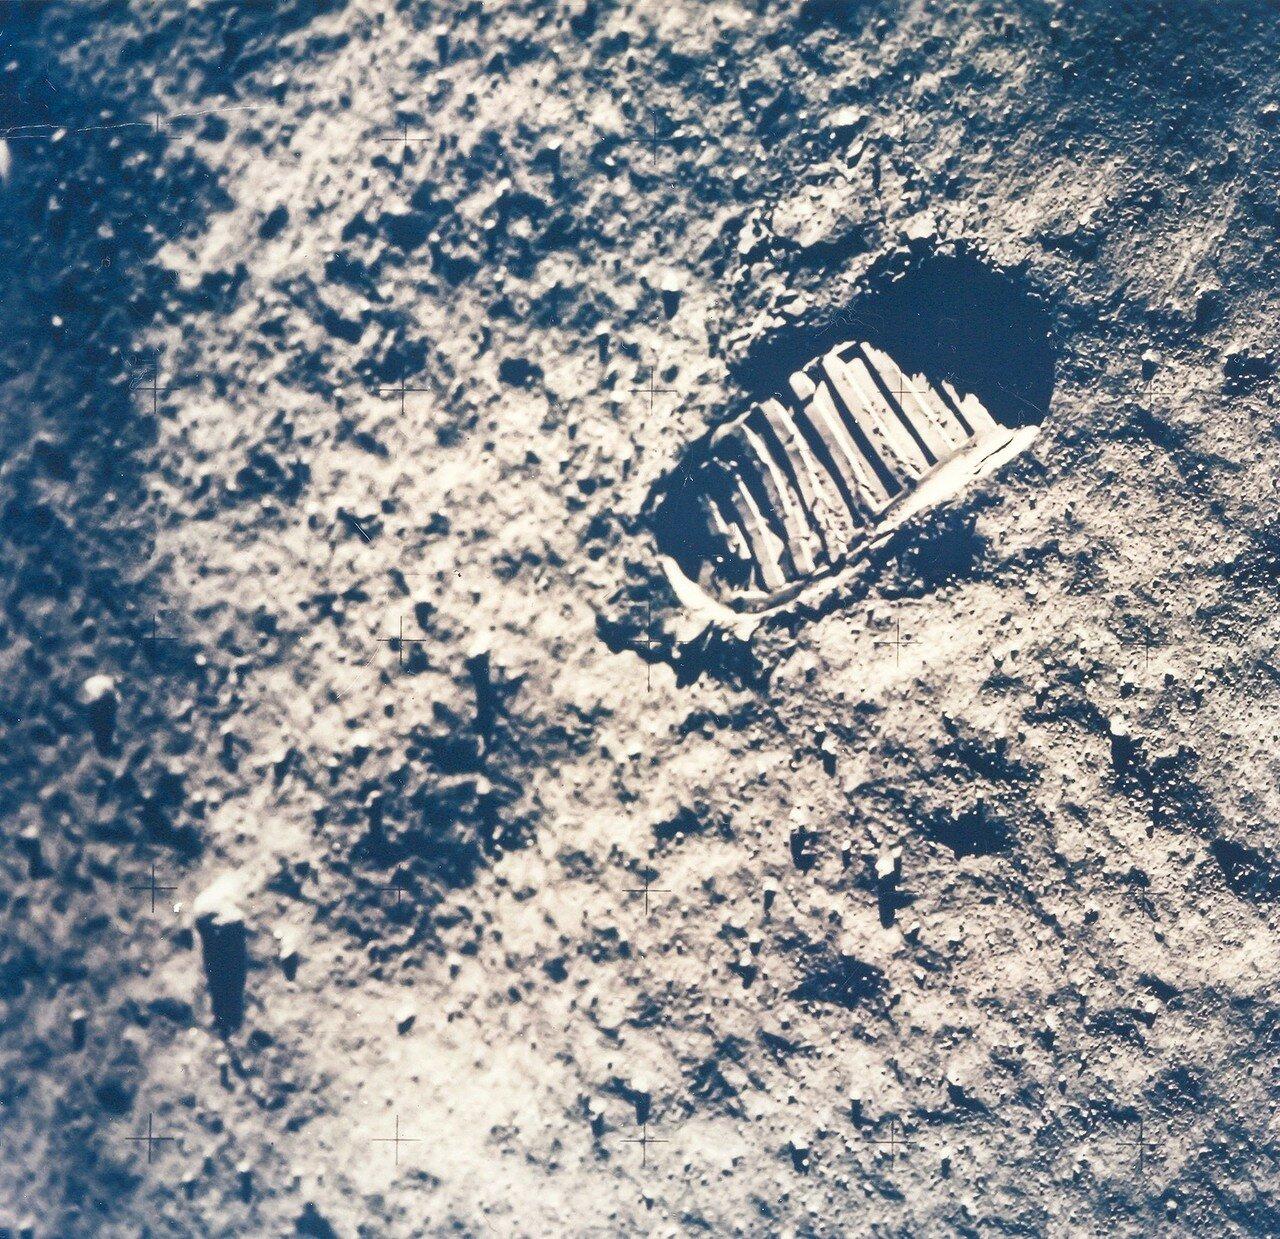 Он отошёл от лунного модуля туда, где на лунной поверхности ещё не было следов, сделал один отпечаток, дважды его сфотографировал и рядом сделал второй. На снимке: Отпечаток ботинка астронавта на Луне